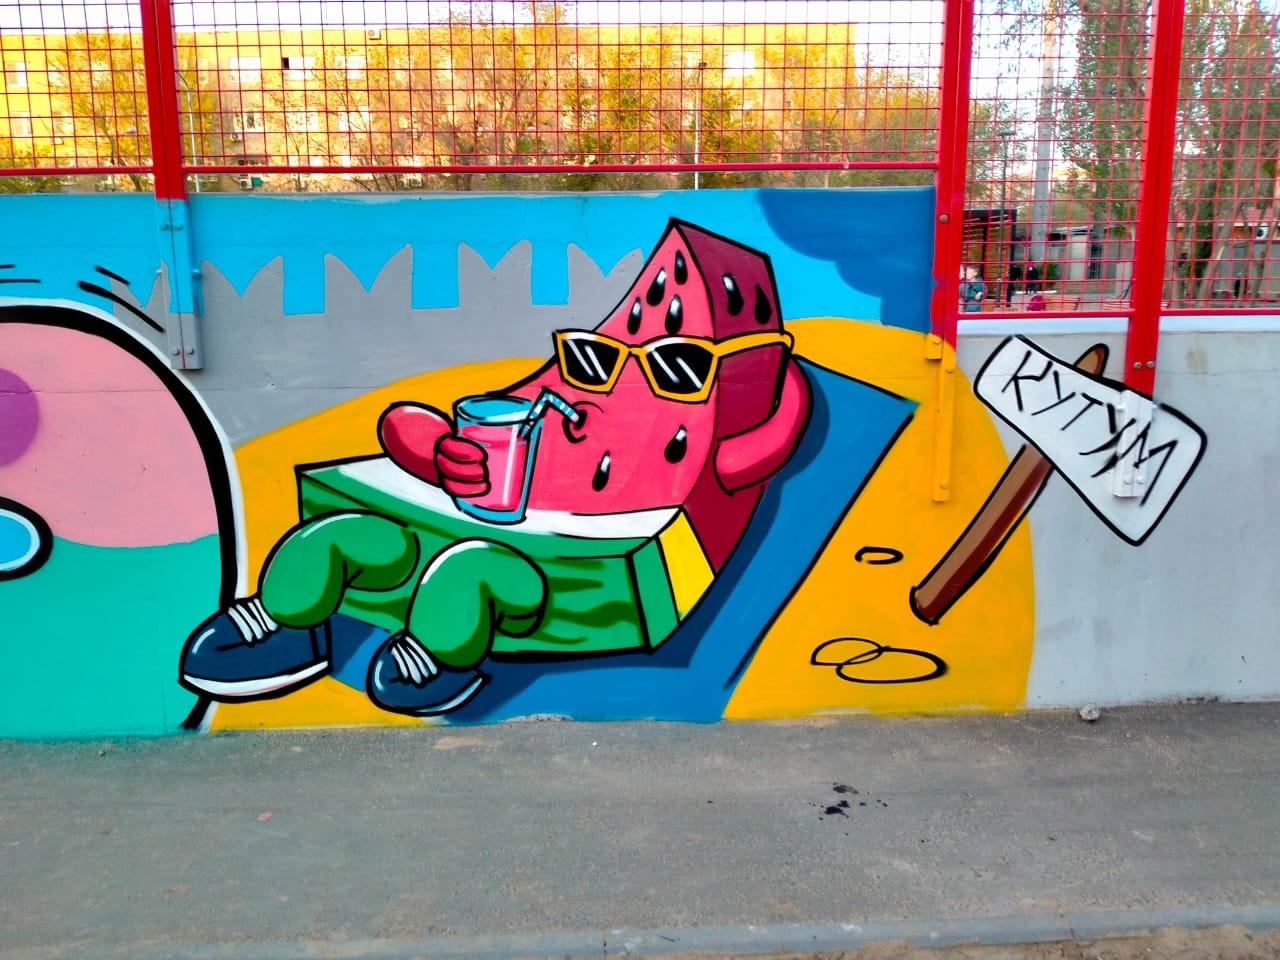 В астраханском скейт-парке появятся «каспийские граффити»